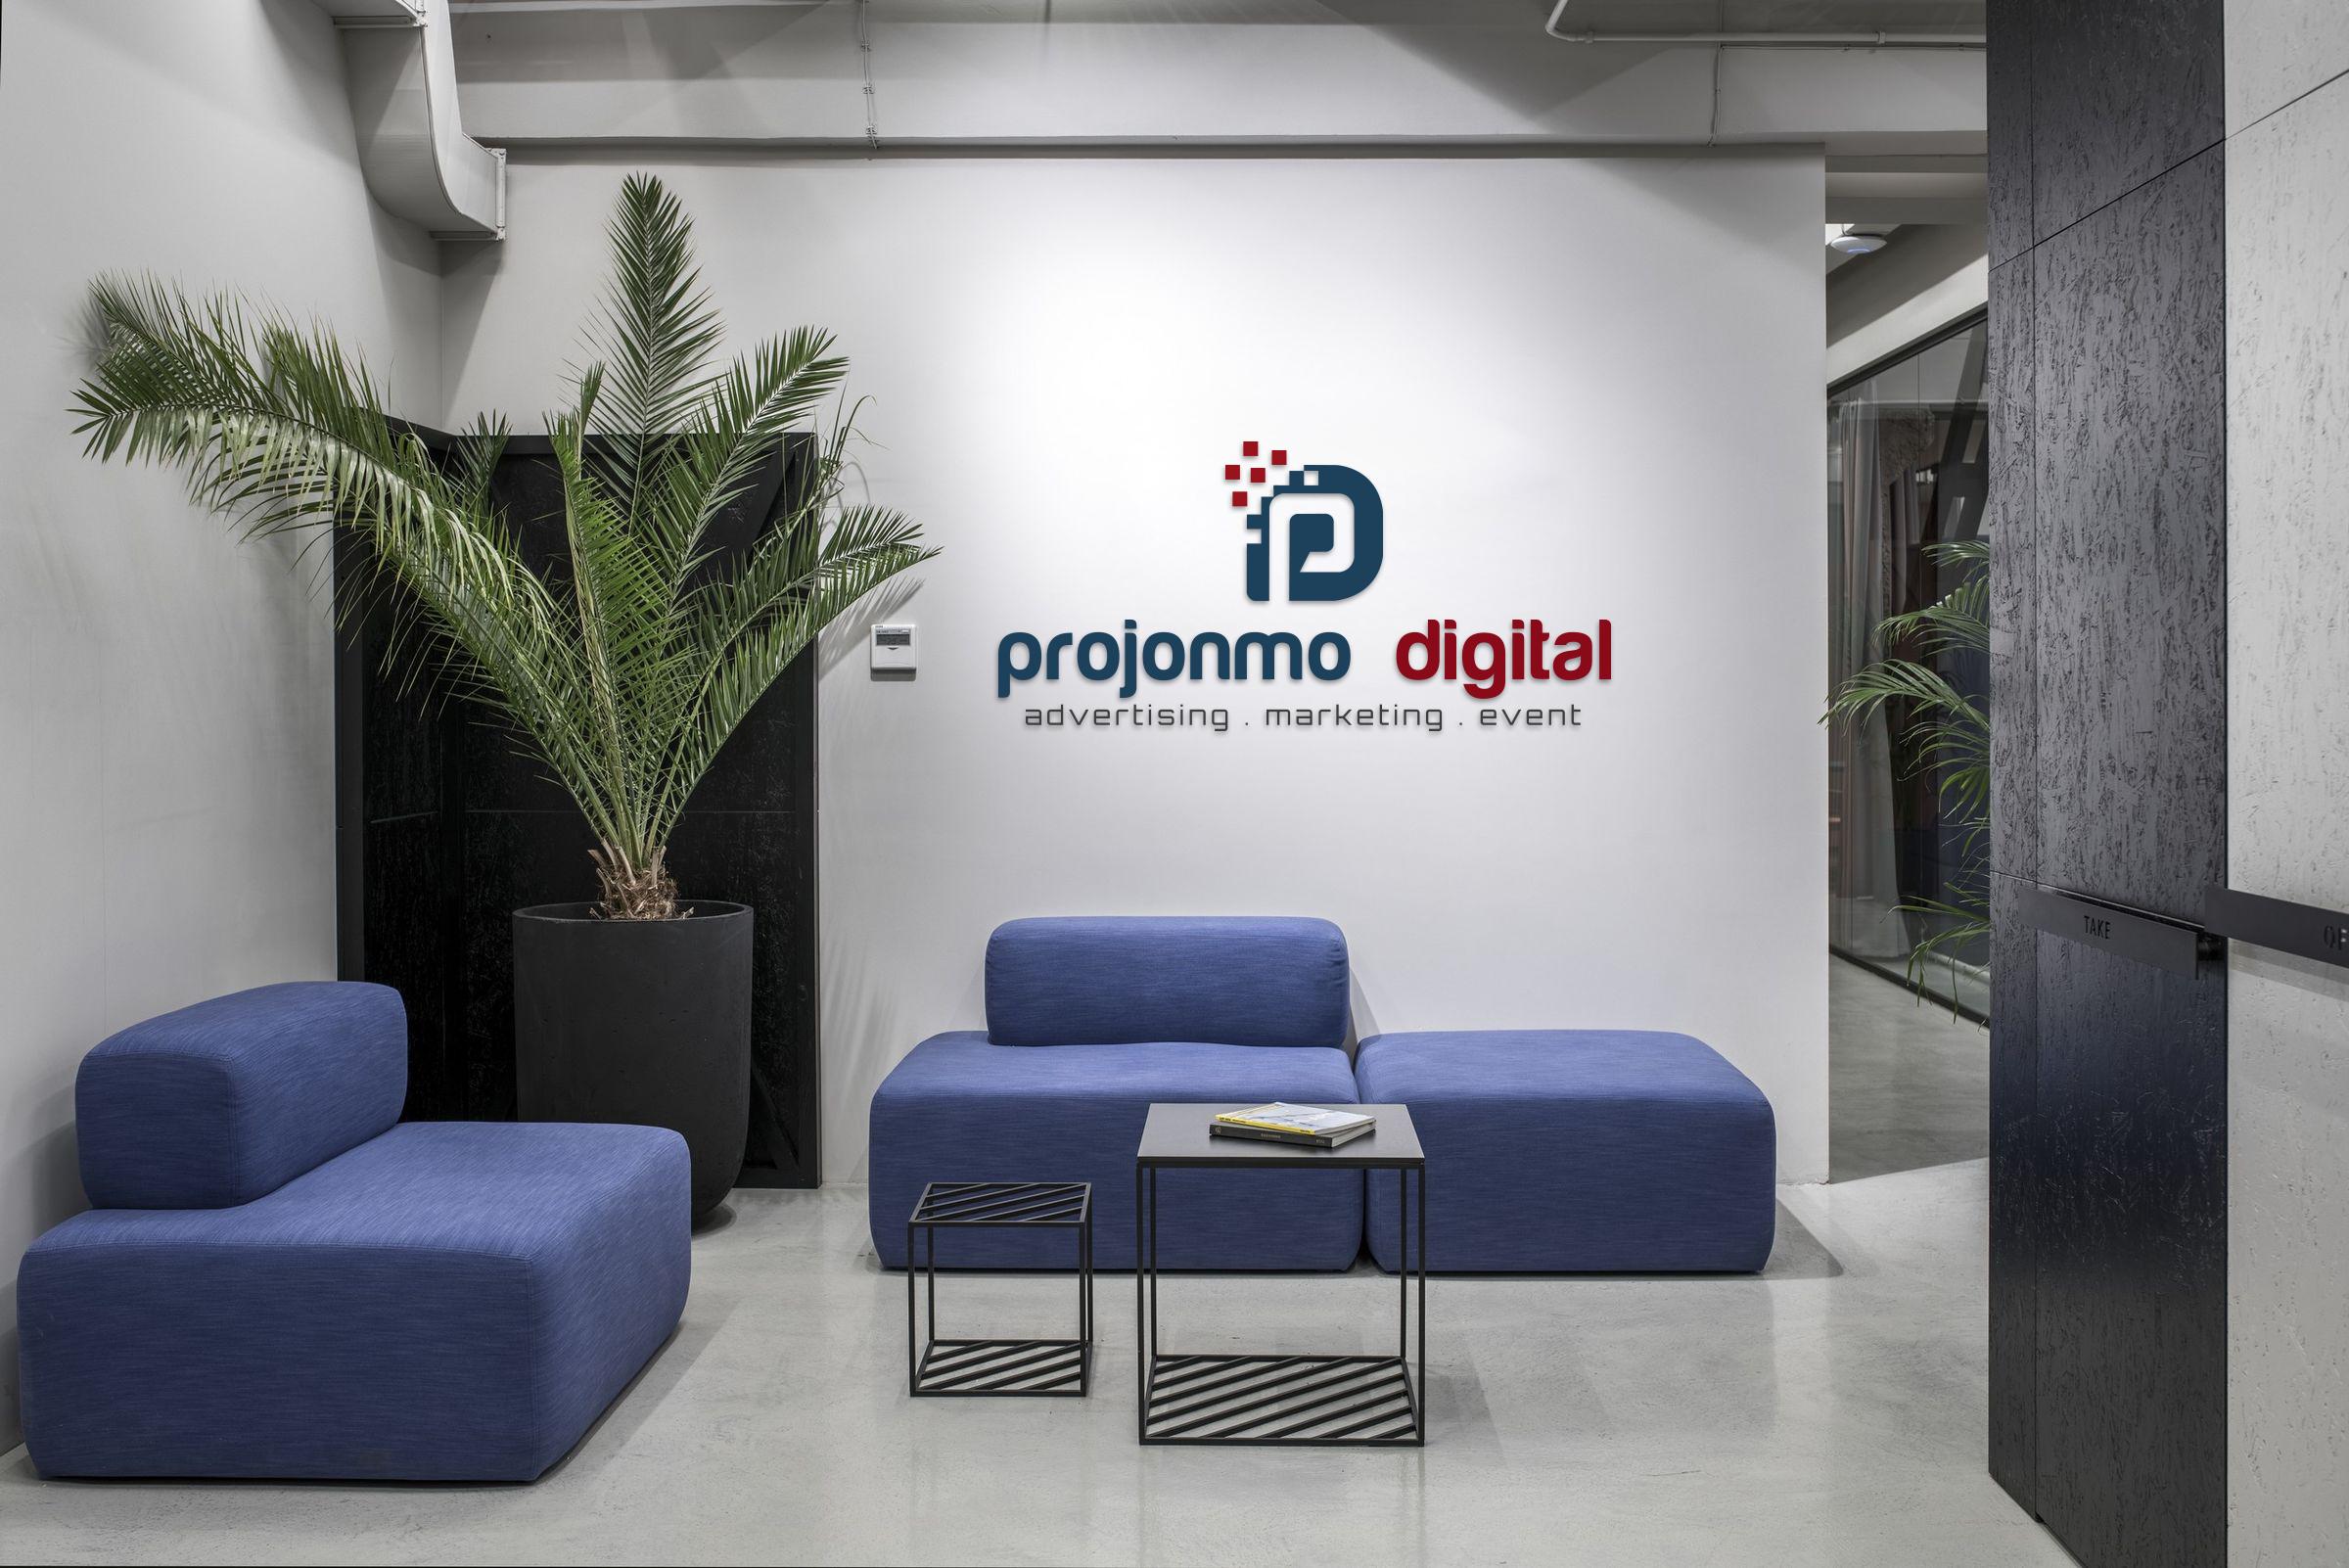 Projonmo Digital Office